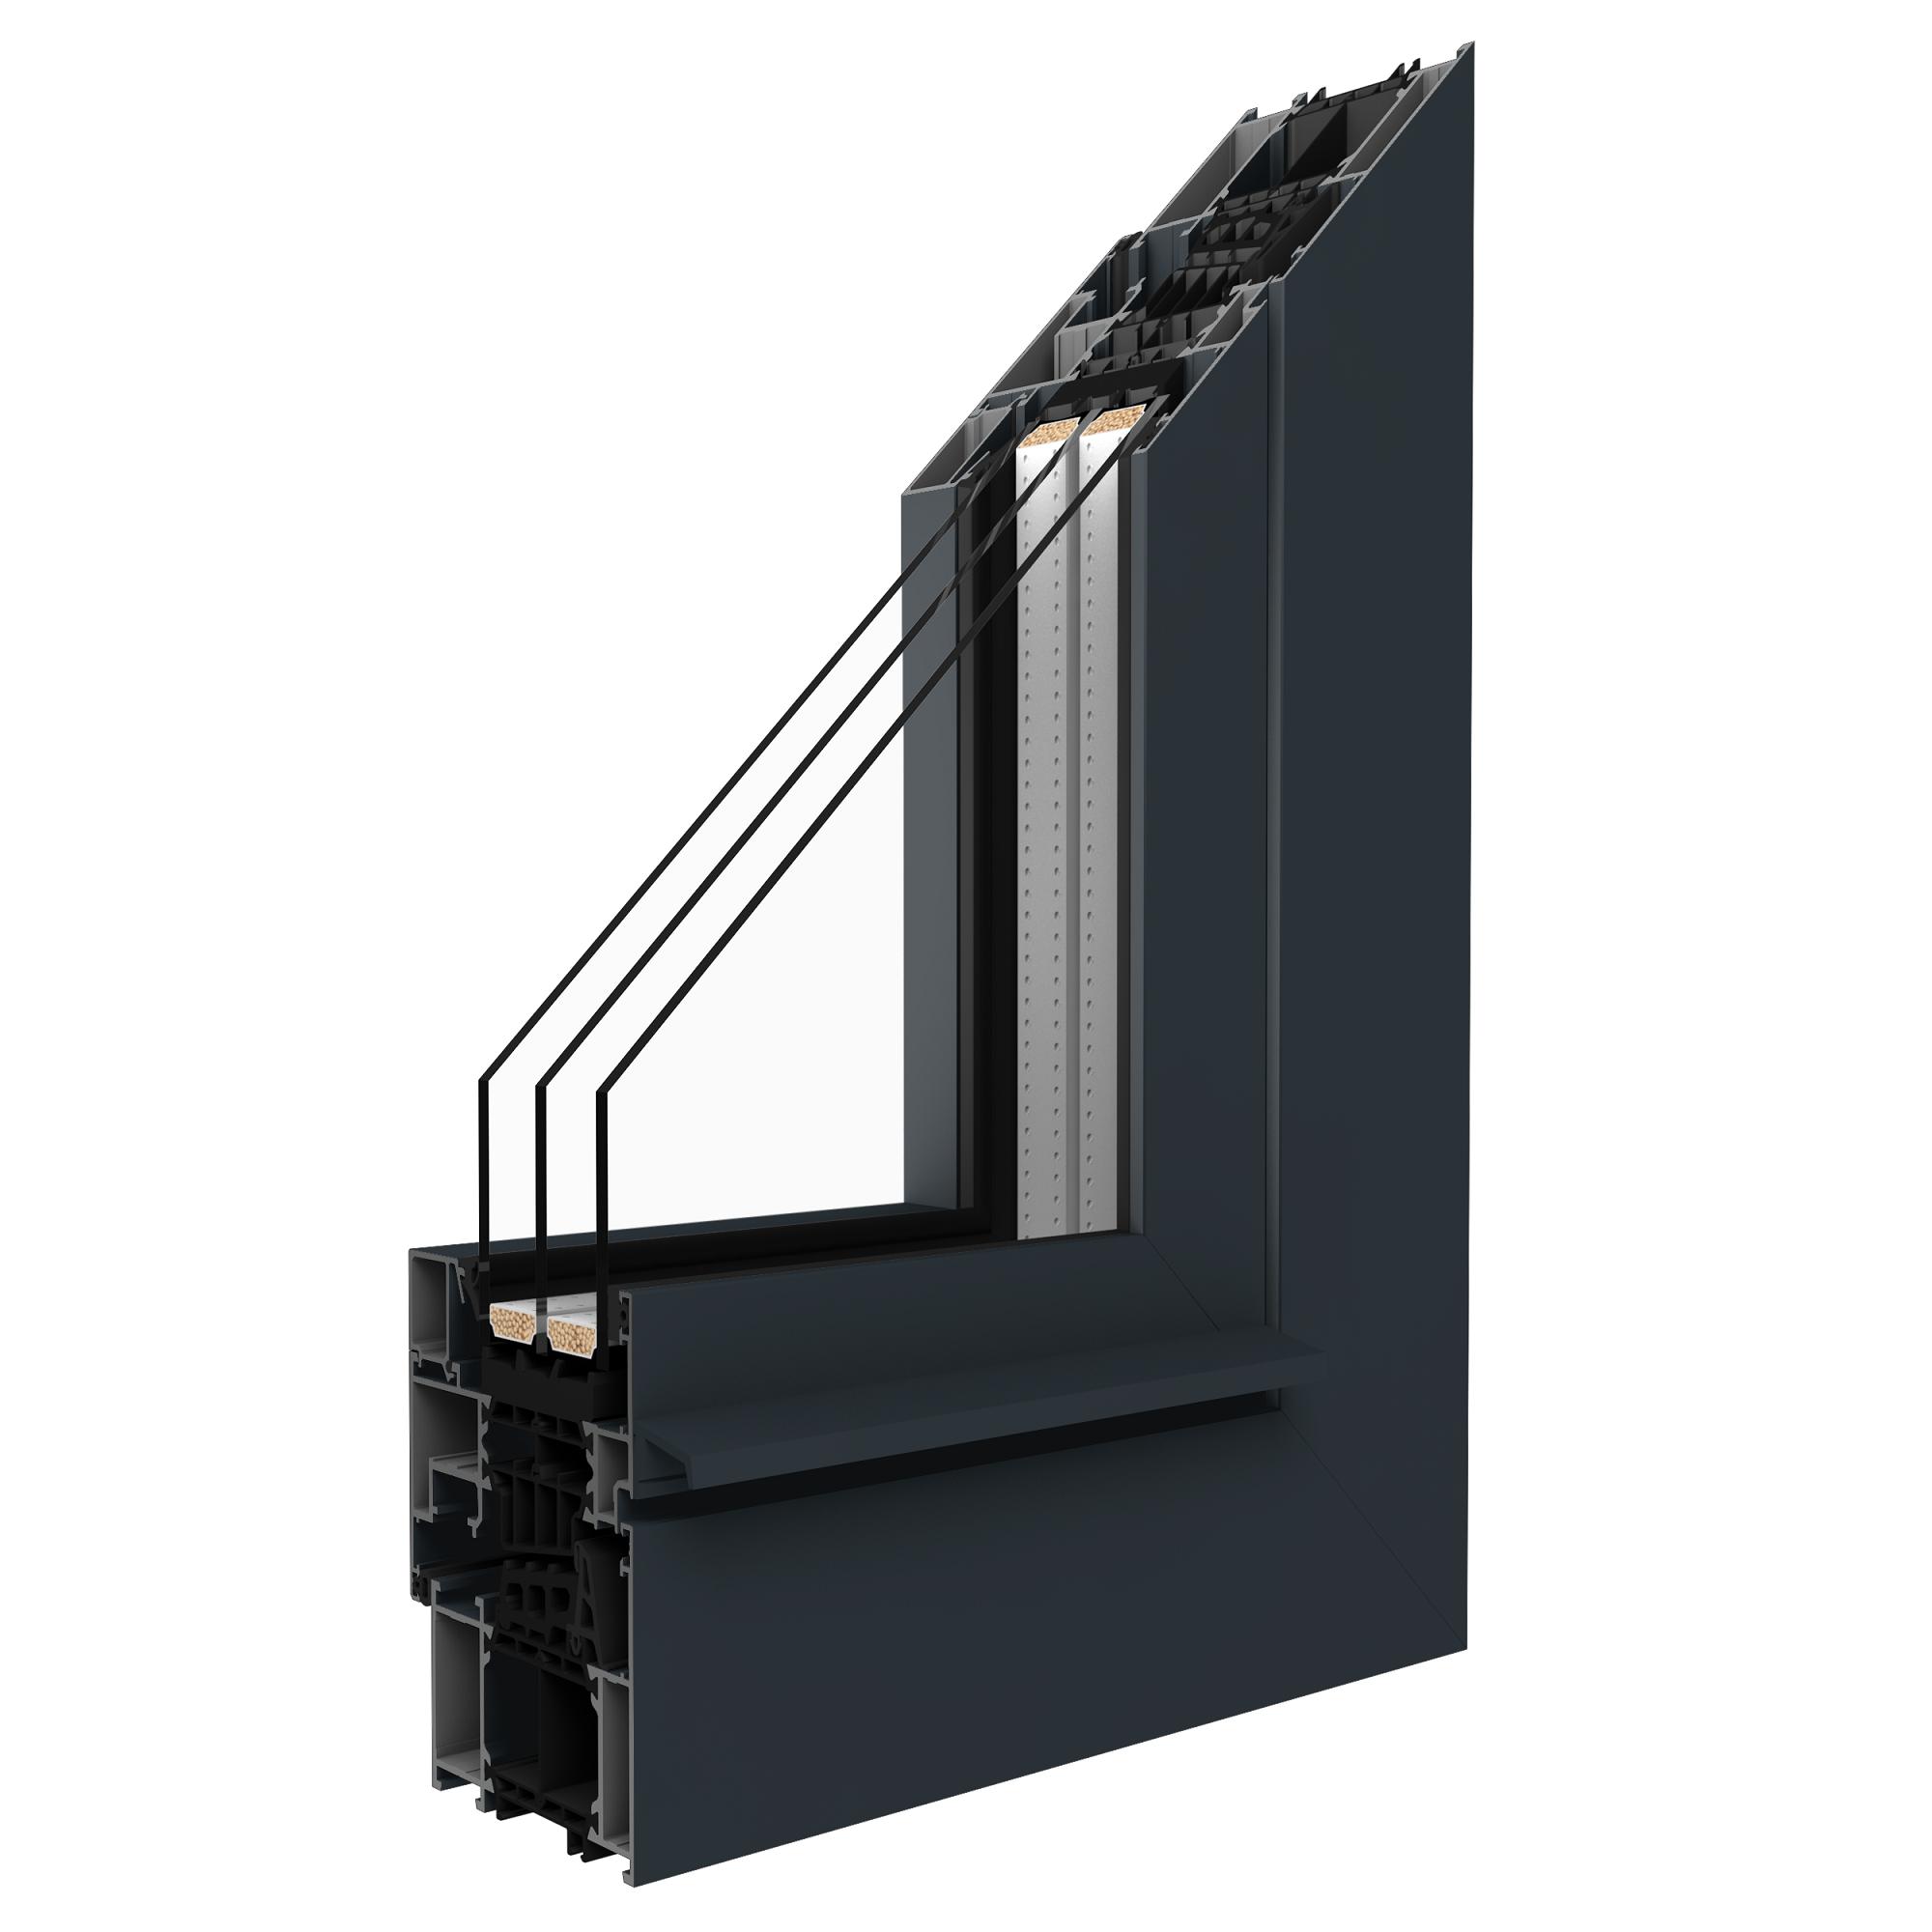 Full Size of Drutex Fenster Test Konfigurator Aus Polen Einbauen Lassen Einstellen Anpressdruck Justieren In Kaufen Forum Bewertung Fliegennetz Trocal Online Fenster Drutex Fenster